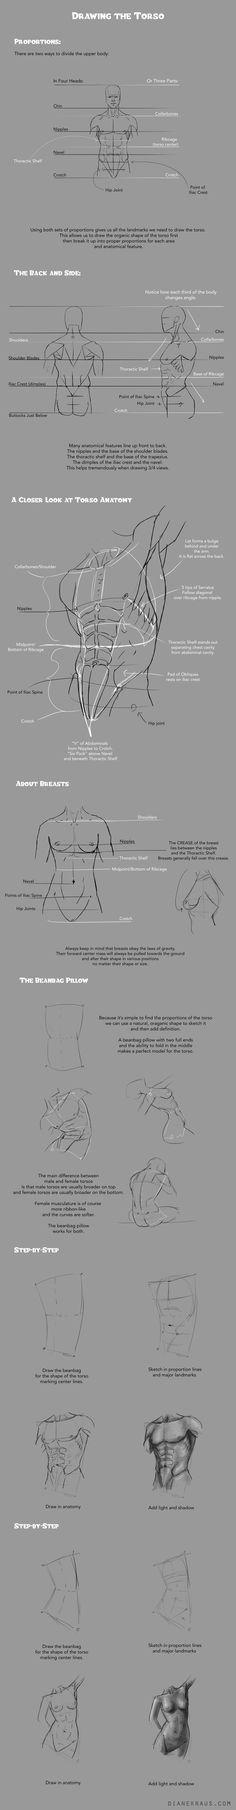 Drawing Torsos Tutorial by satchelsbag